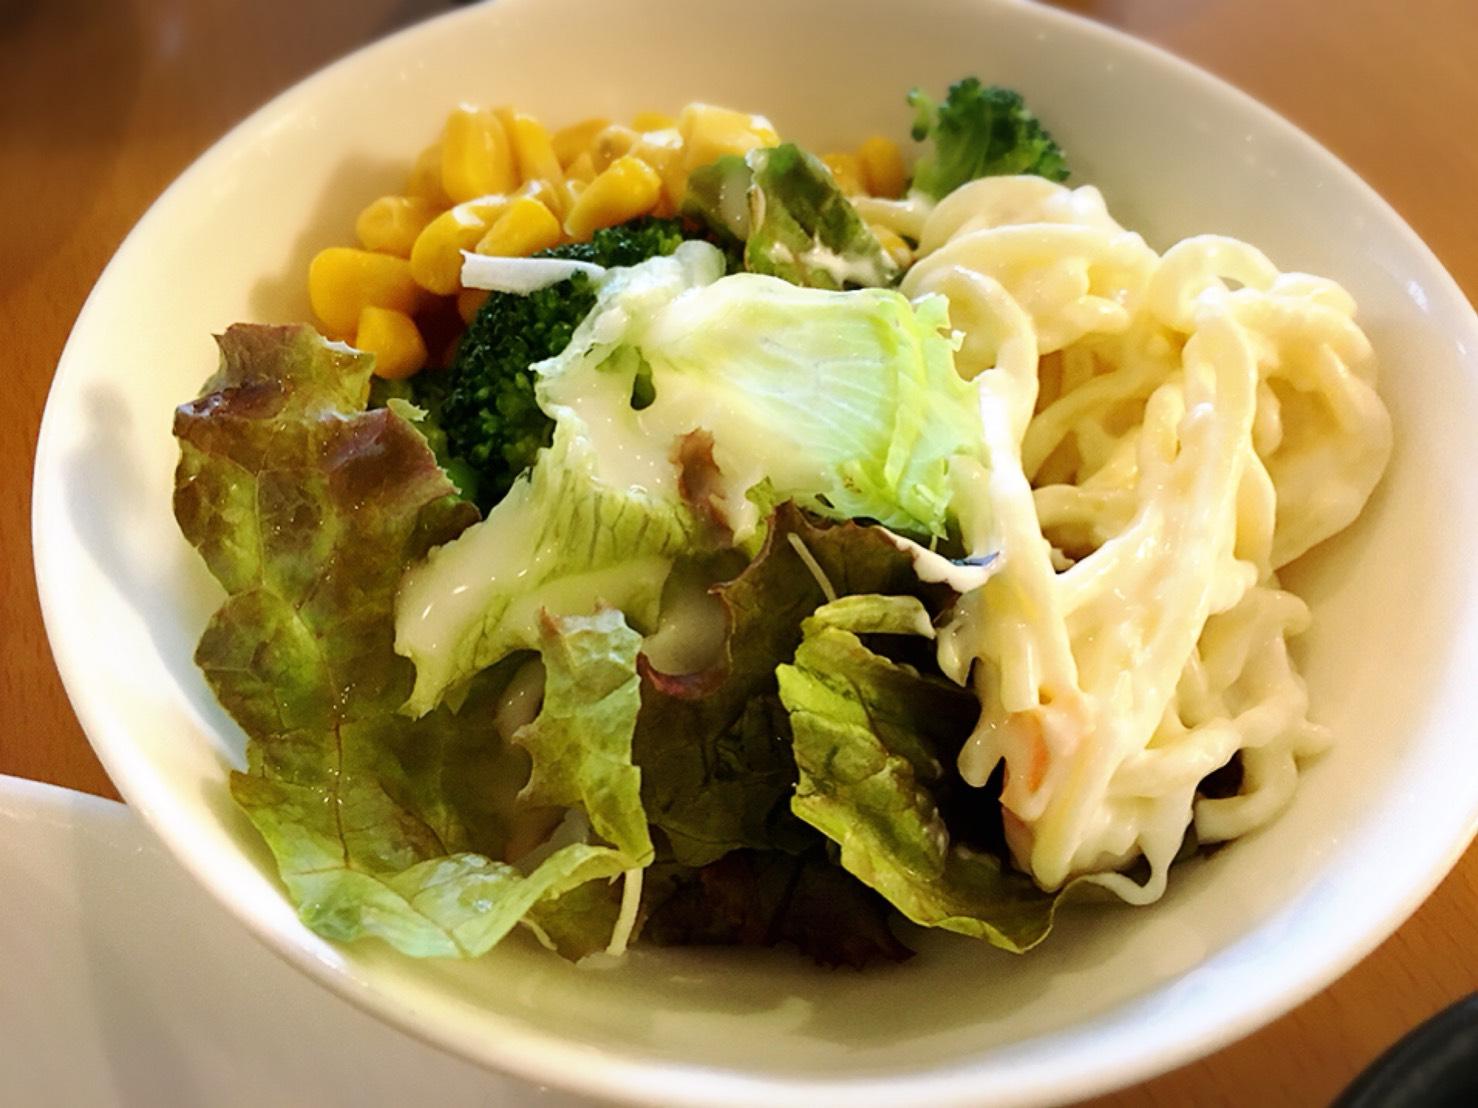 【池袋駅】モーニングビュッフェも最強だったレストラン「ピノ」のサラダ